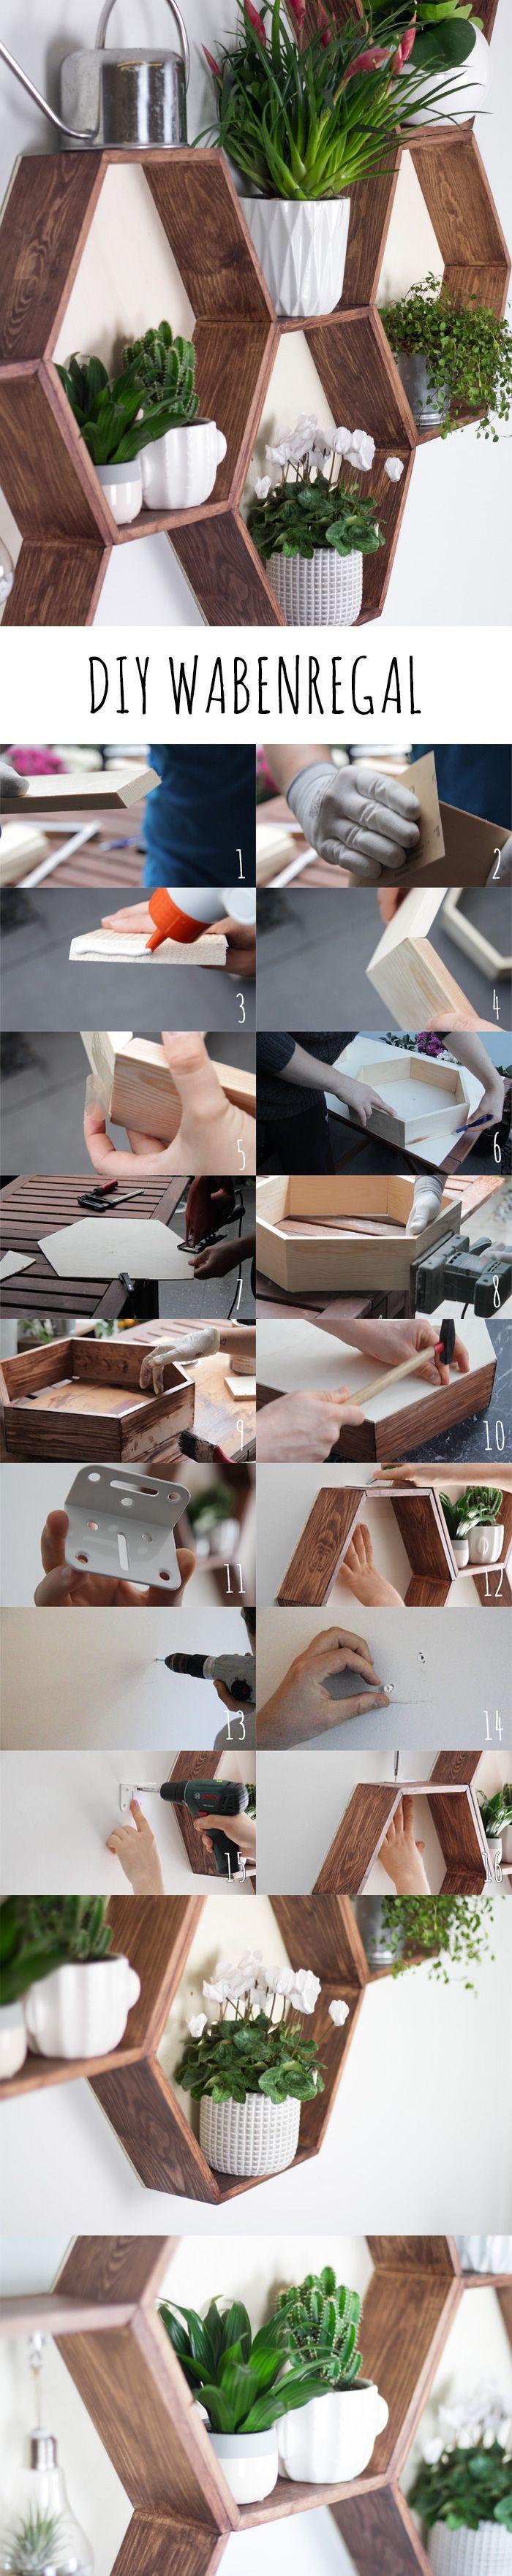 DIY Wabenregal. Möbel ganz leicht selber machen mit dieser Anleitung!